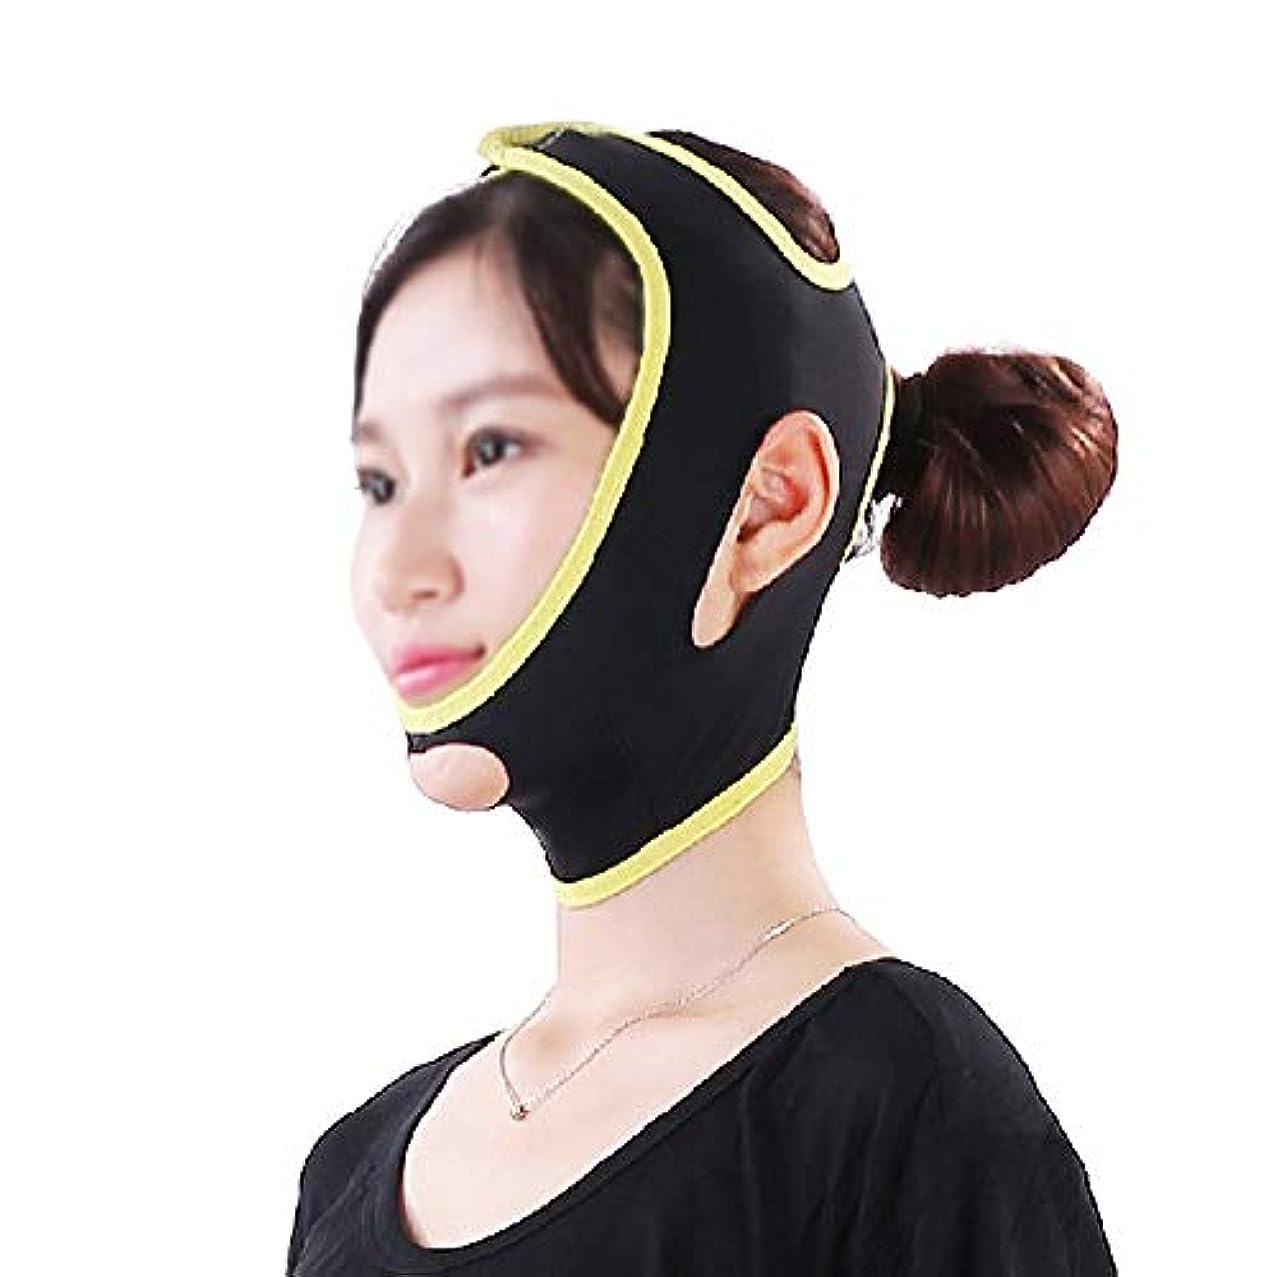 鏡花泥棒GLJJQMY 顔と首のリフトVマスクは顔面の輪郭を強調し、咬筋の引き締まったあごの超弾性包帯を緩和します 顔用整形マスク (Size : L)